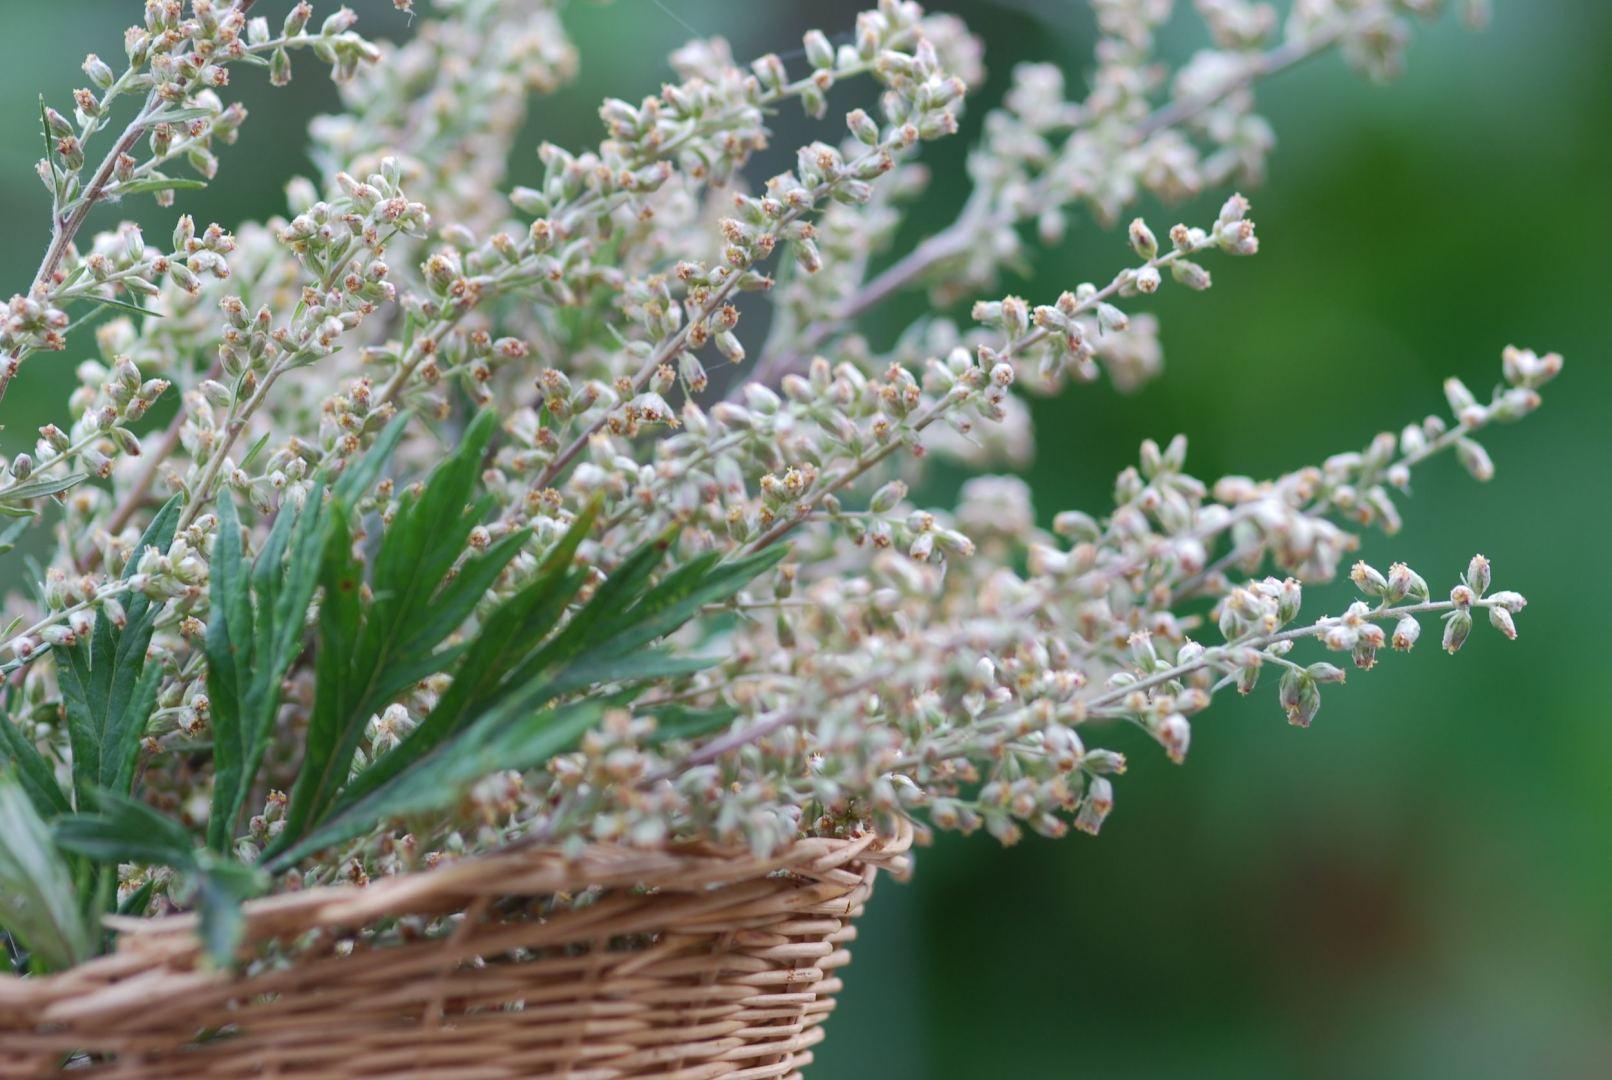 vaistinis augalas nuo hipertenzijos)